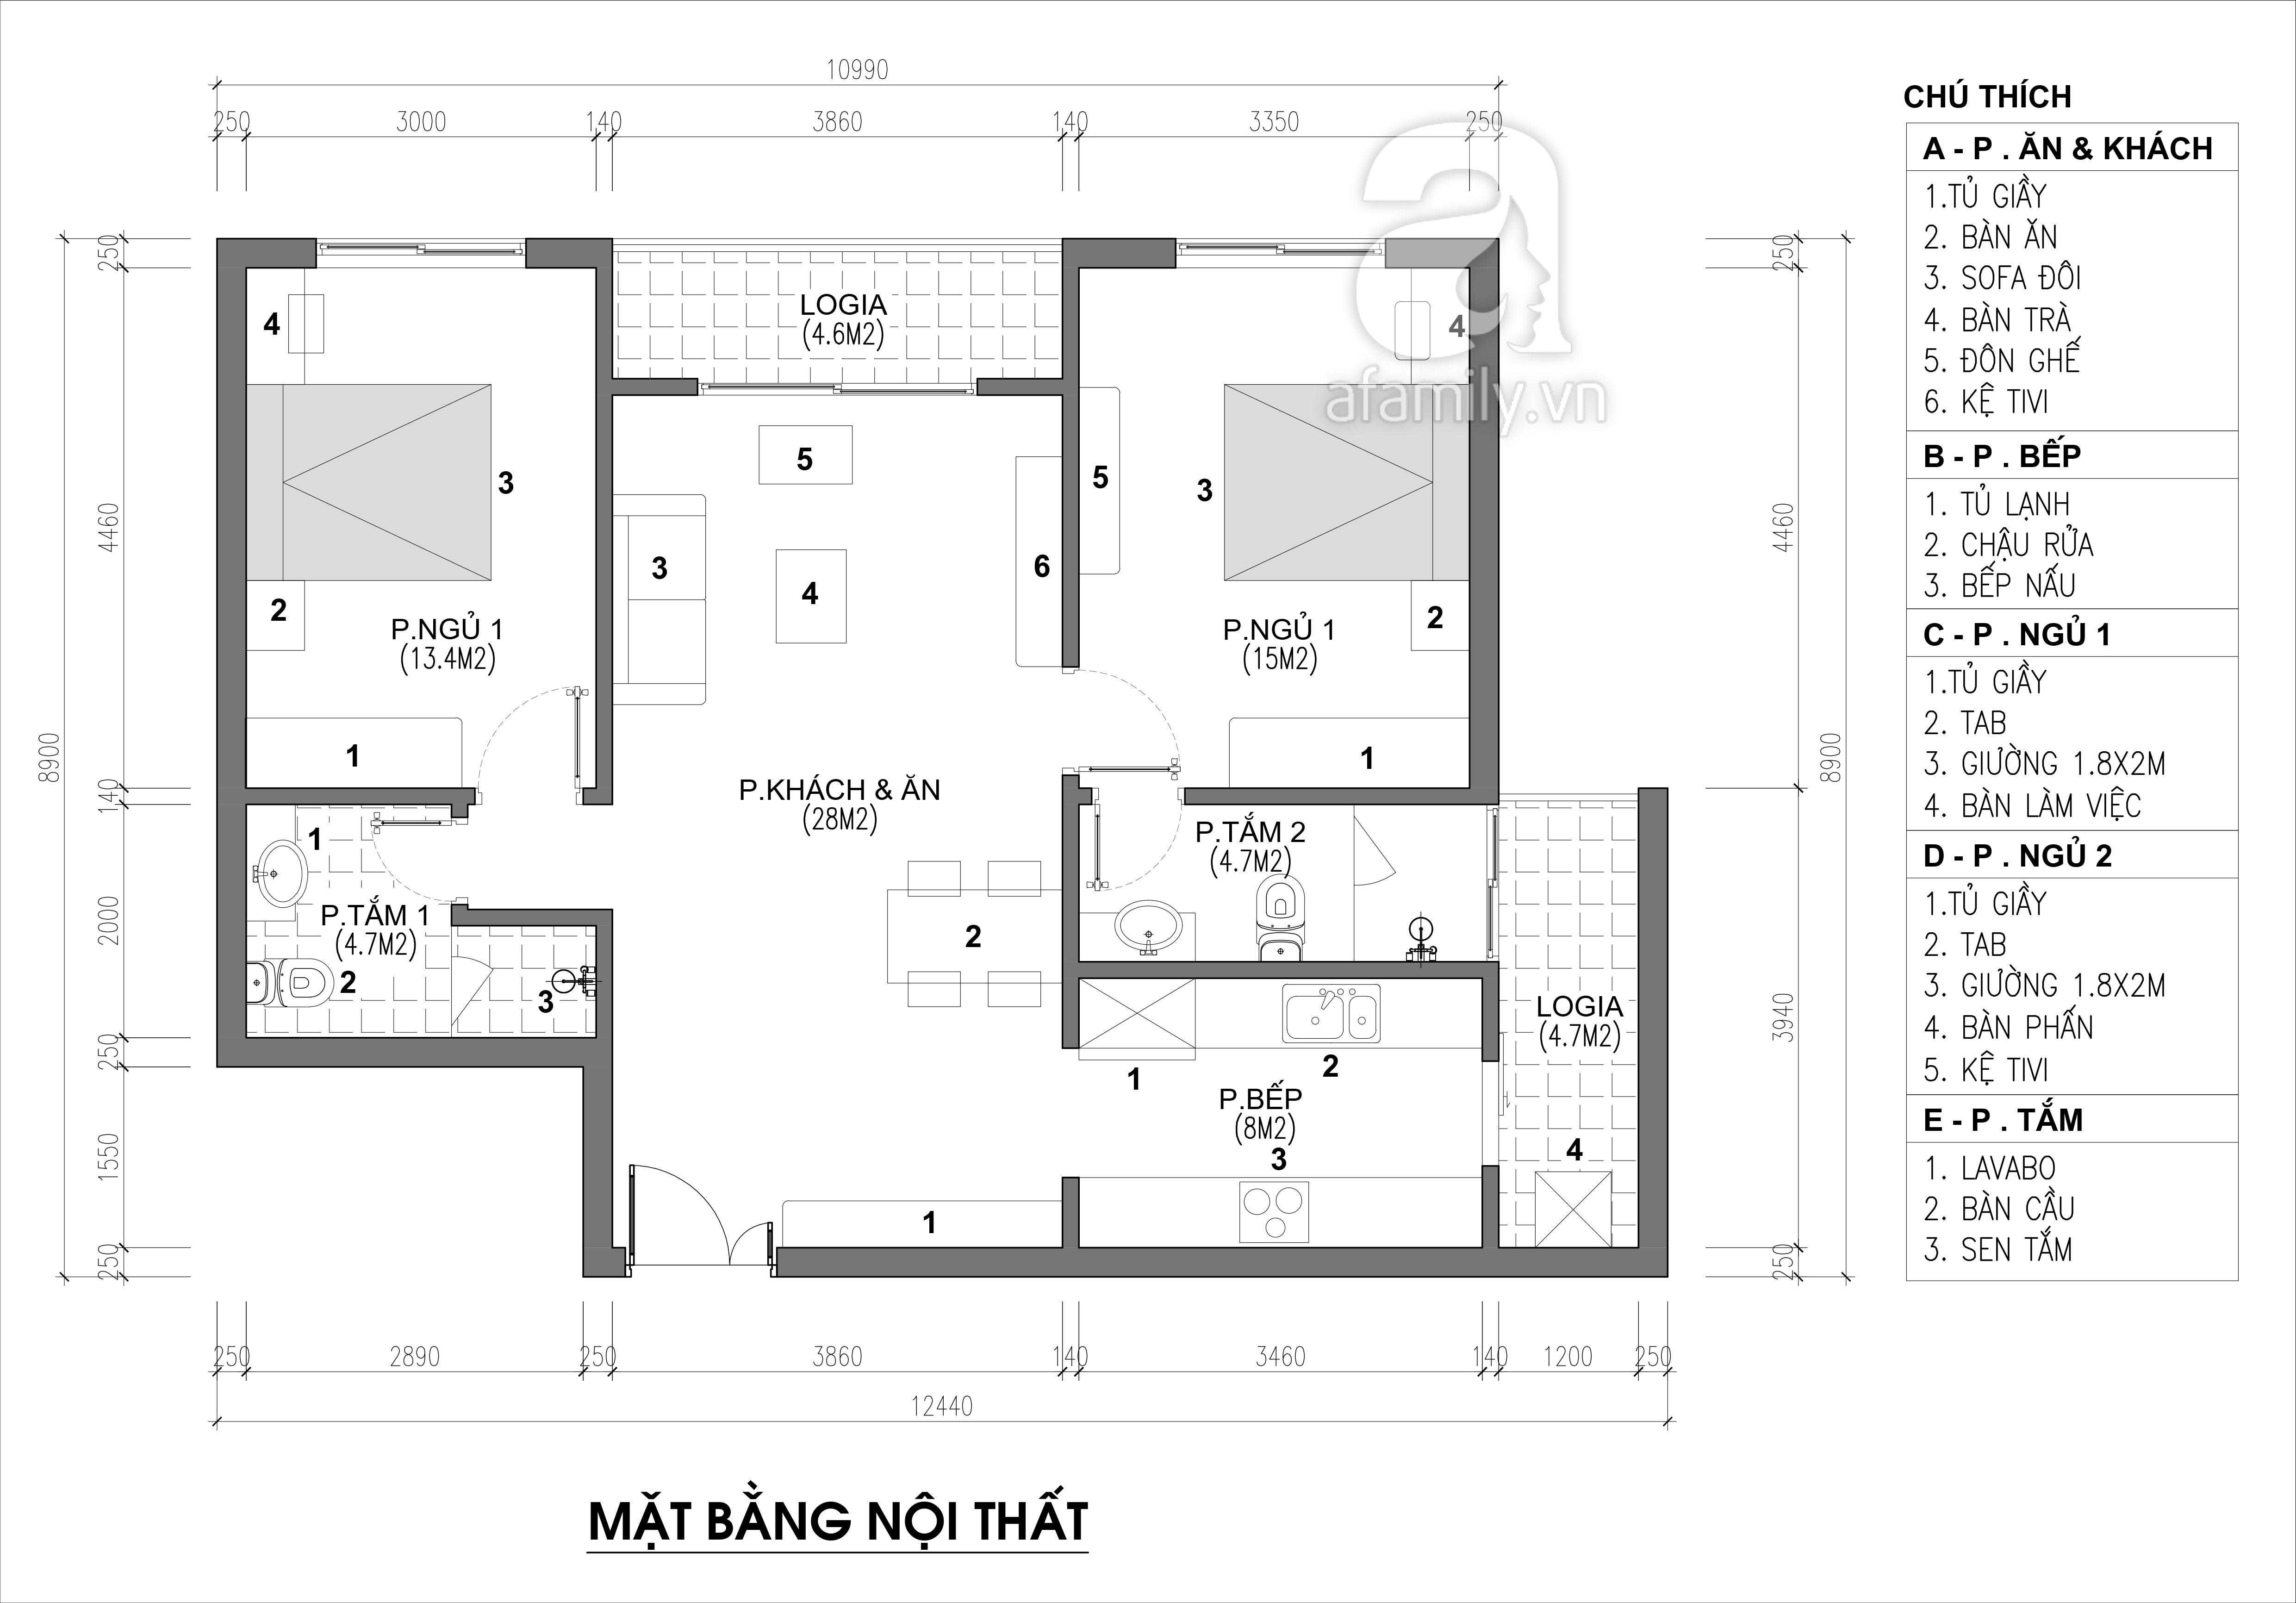 Tư vấn thiết kế nội thất căn hộ chung cư với diện tích (83m²) - Ảnh 2.